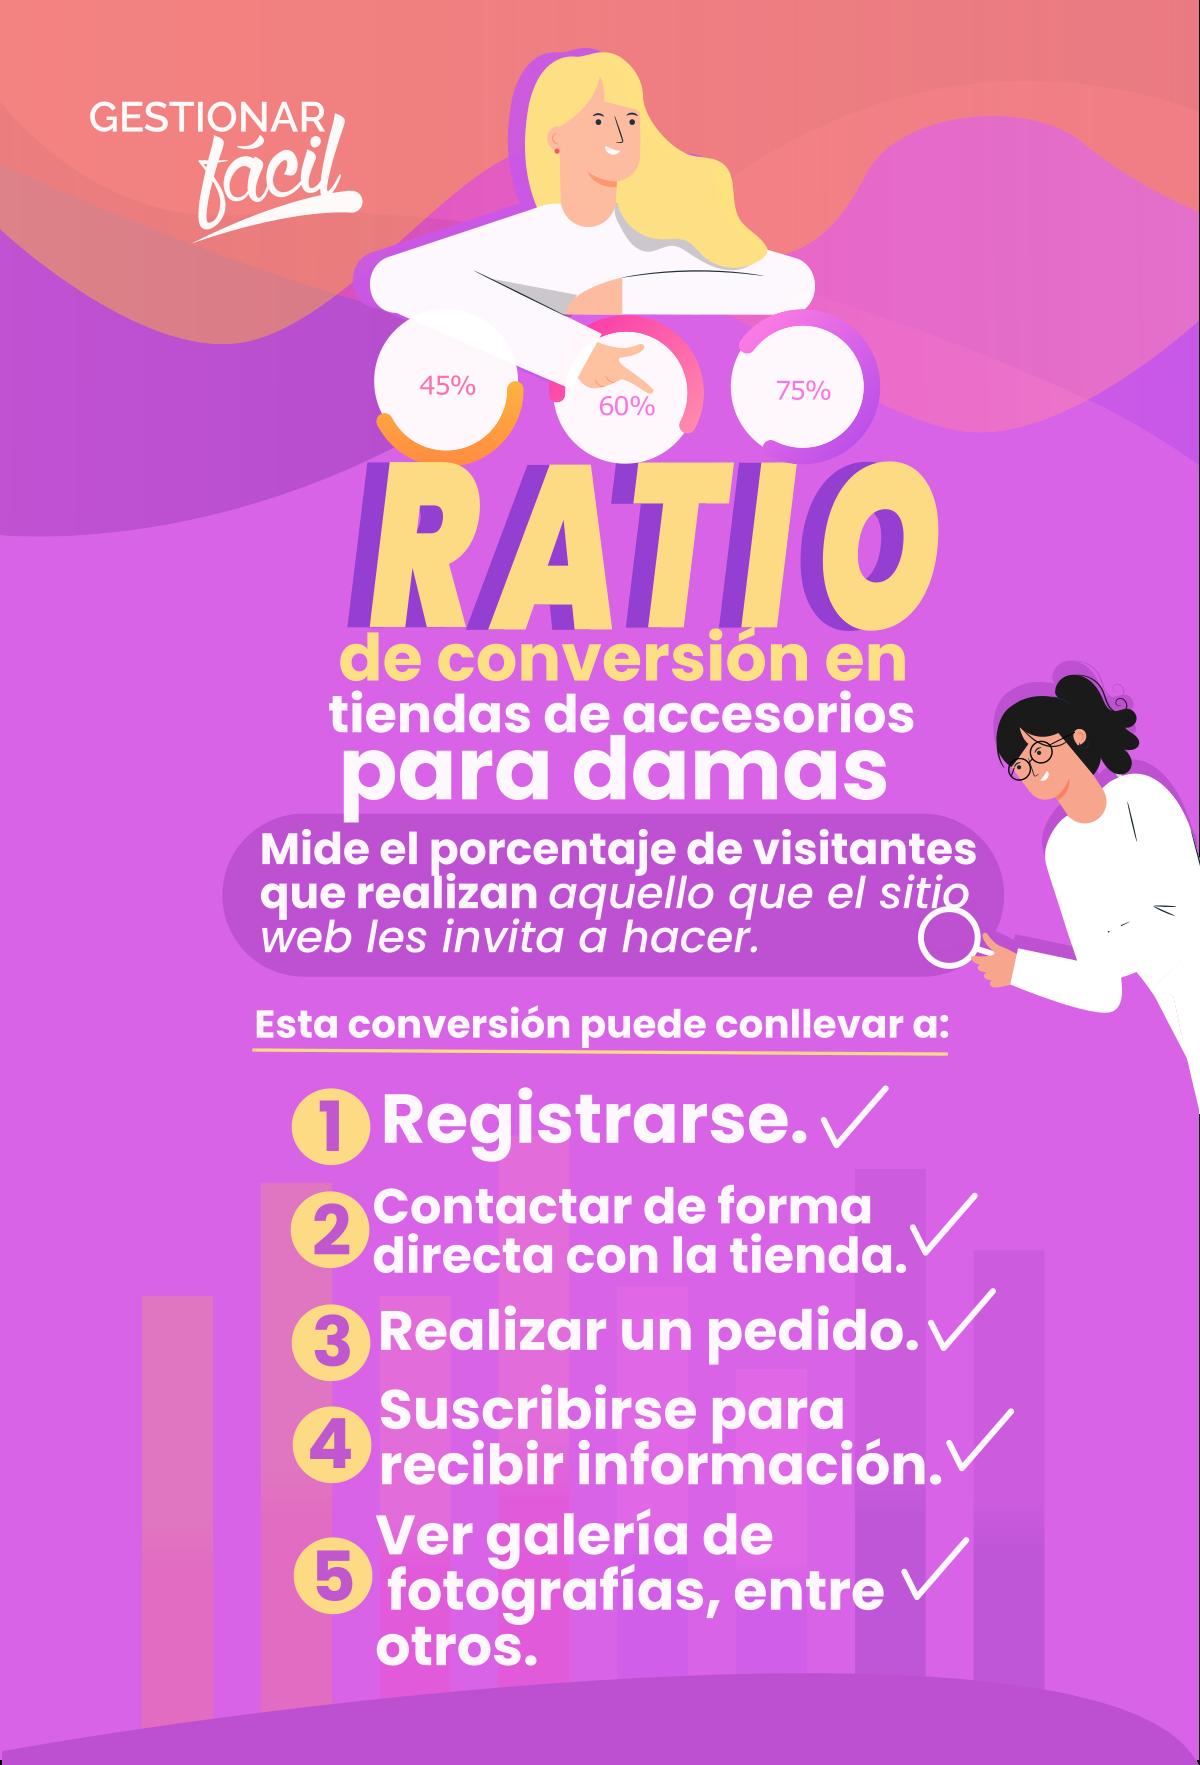 ¿Qué es el ratio de conversión de marketing en tiendas de accesorios para damas?